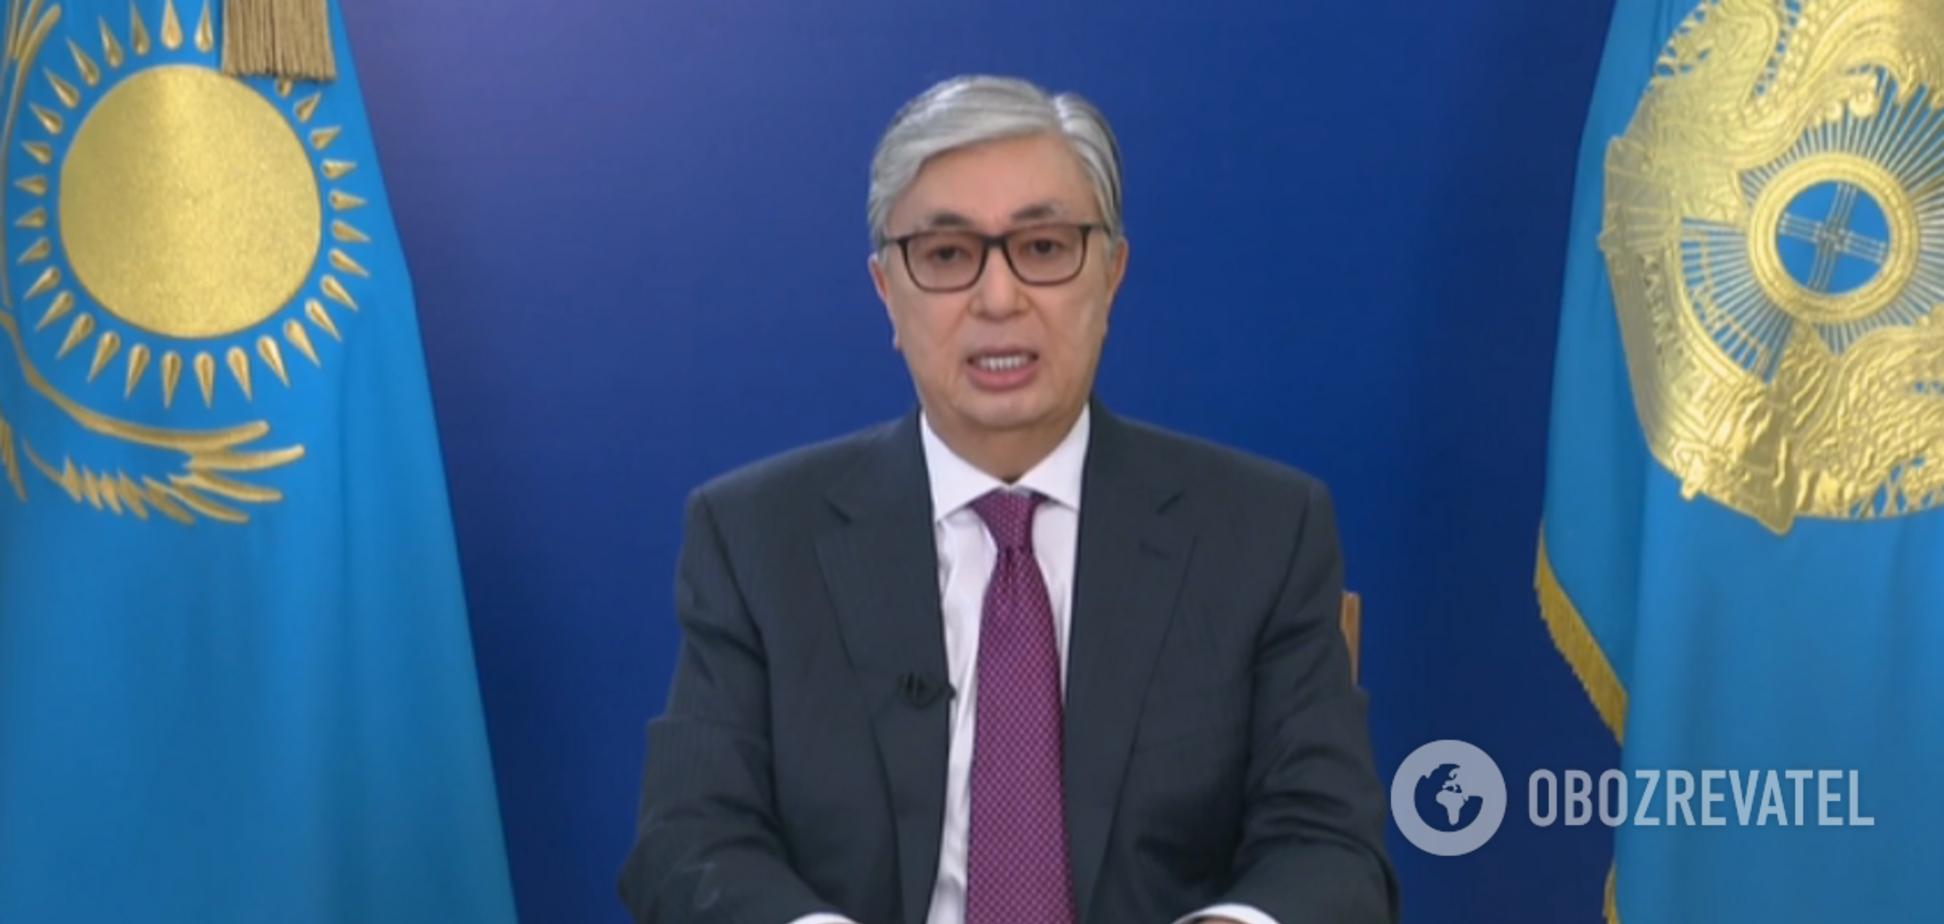 Президент Казахстана выступил с обращением к нации: о чем говорил